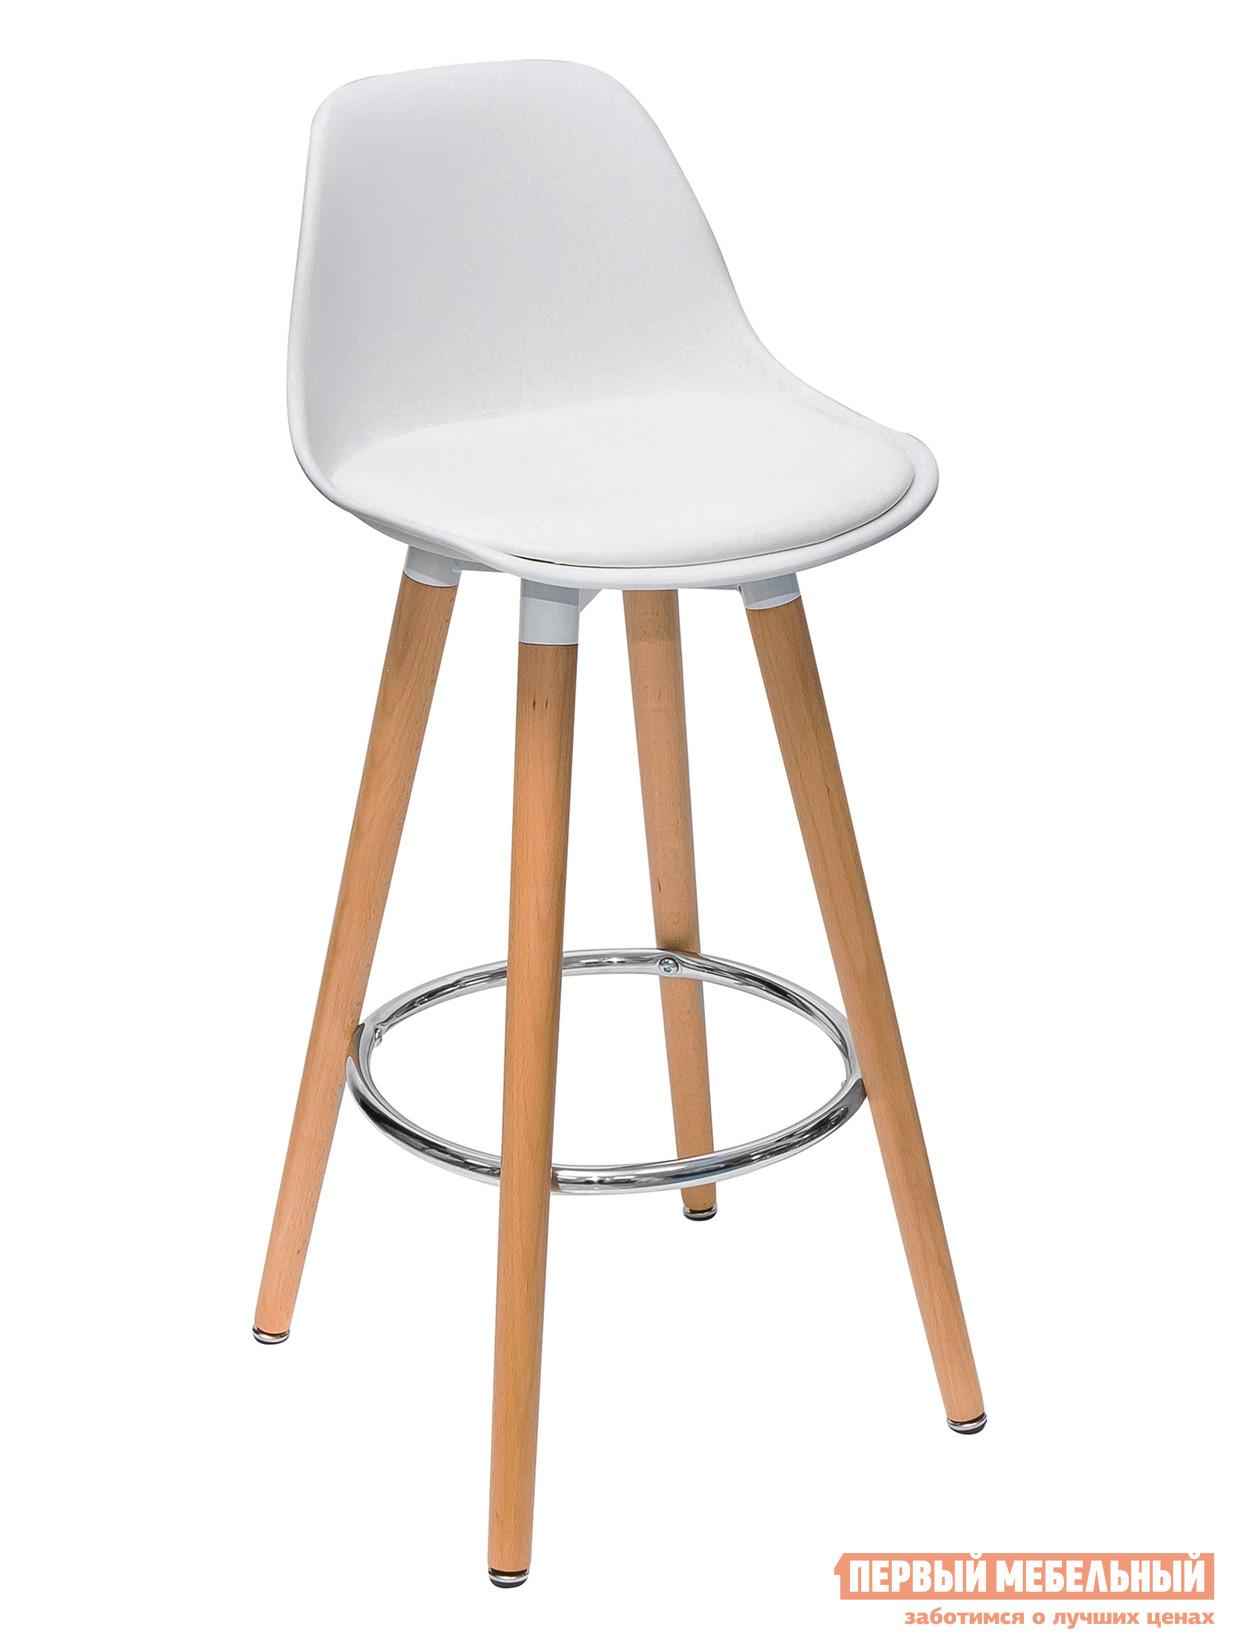 Барный стул Stool Group Мартин на деревянных ножках KY-836 gramercy стул барный lark counter stool page 3